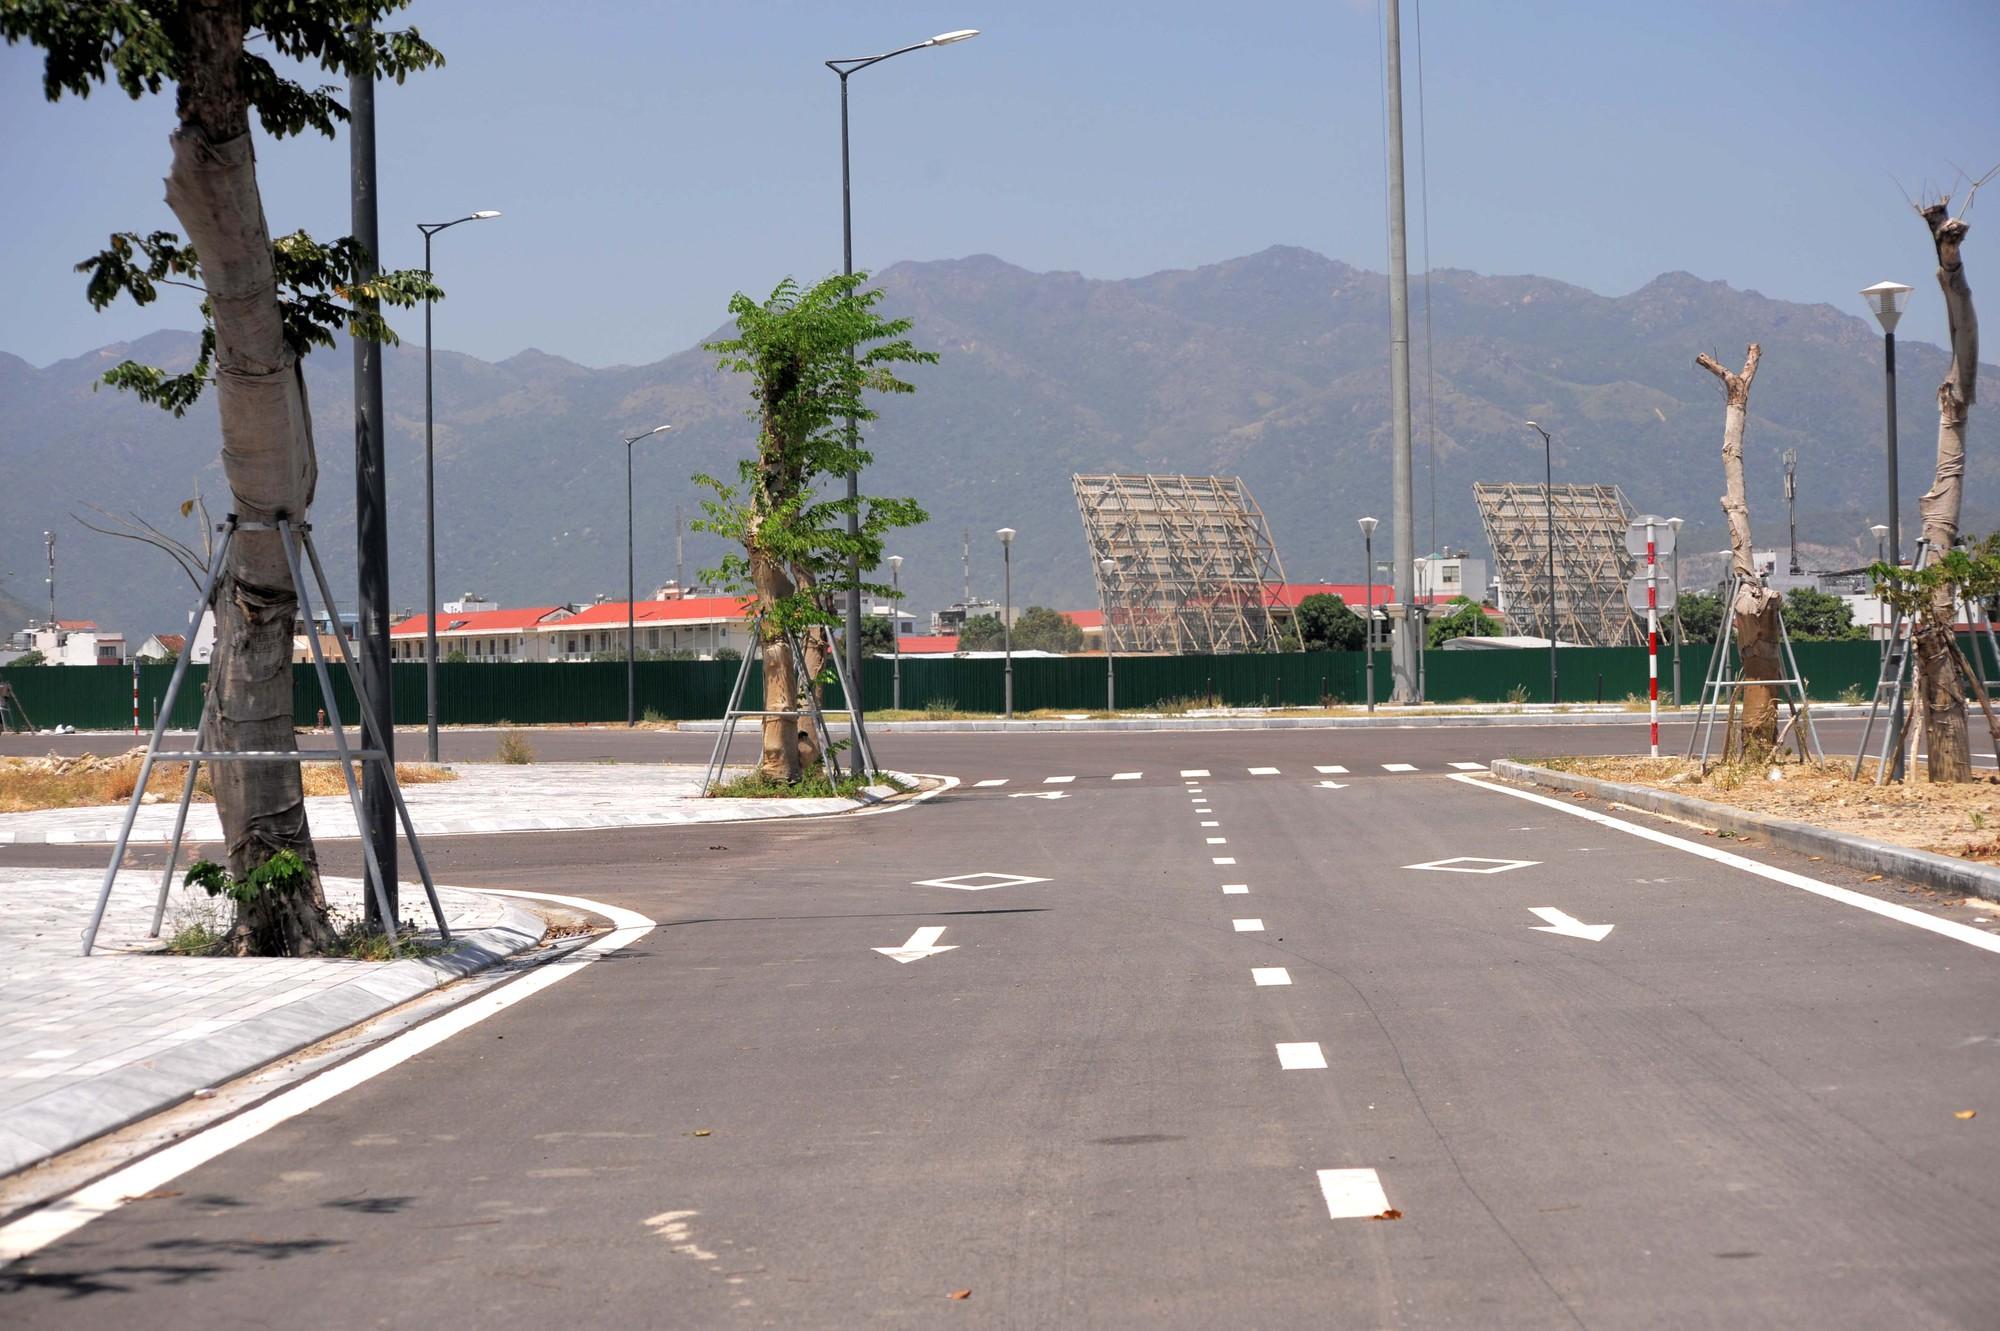 Cận cảnh dự án BT của Tập đoàn Phúc Sơn tại sân bay Nha Trang cũ  - Ảnh 4.